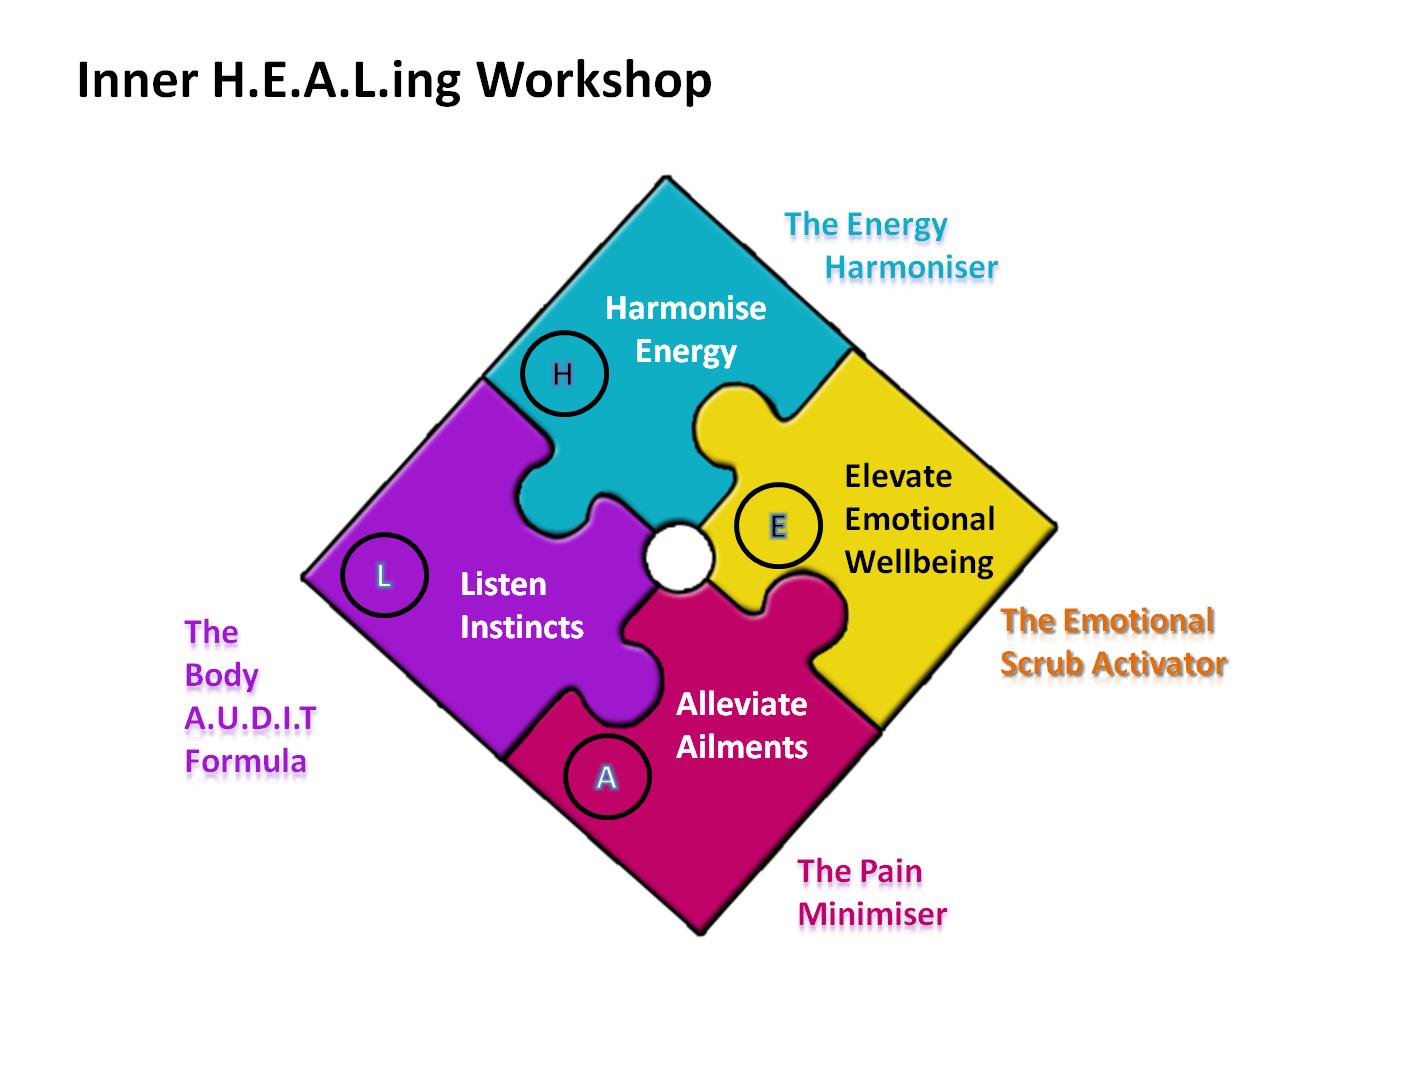 Inner Healing Workshop